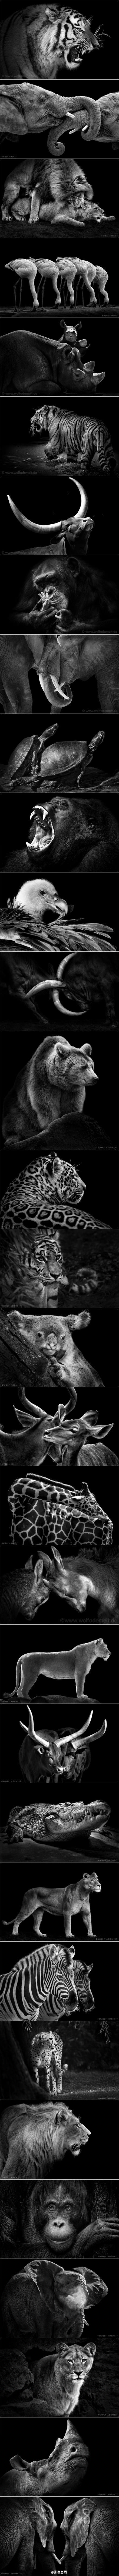 相爱后动物感伤谱